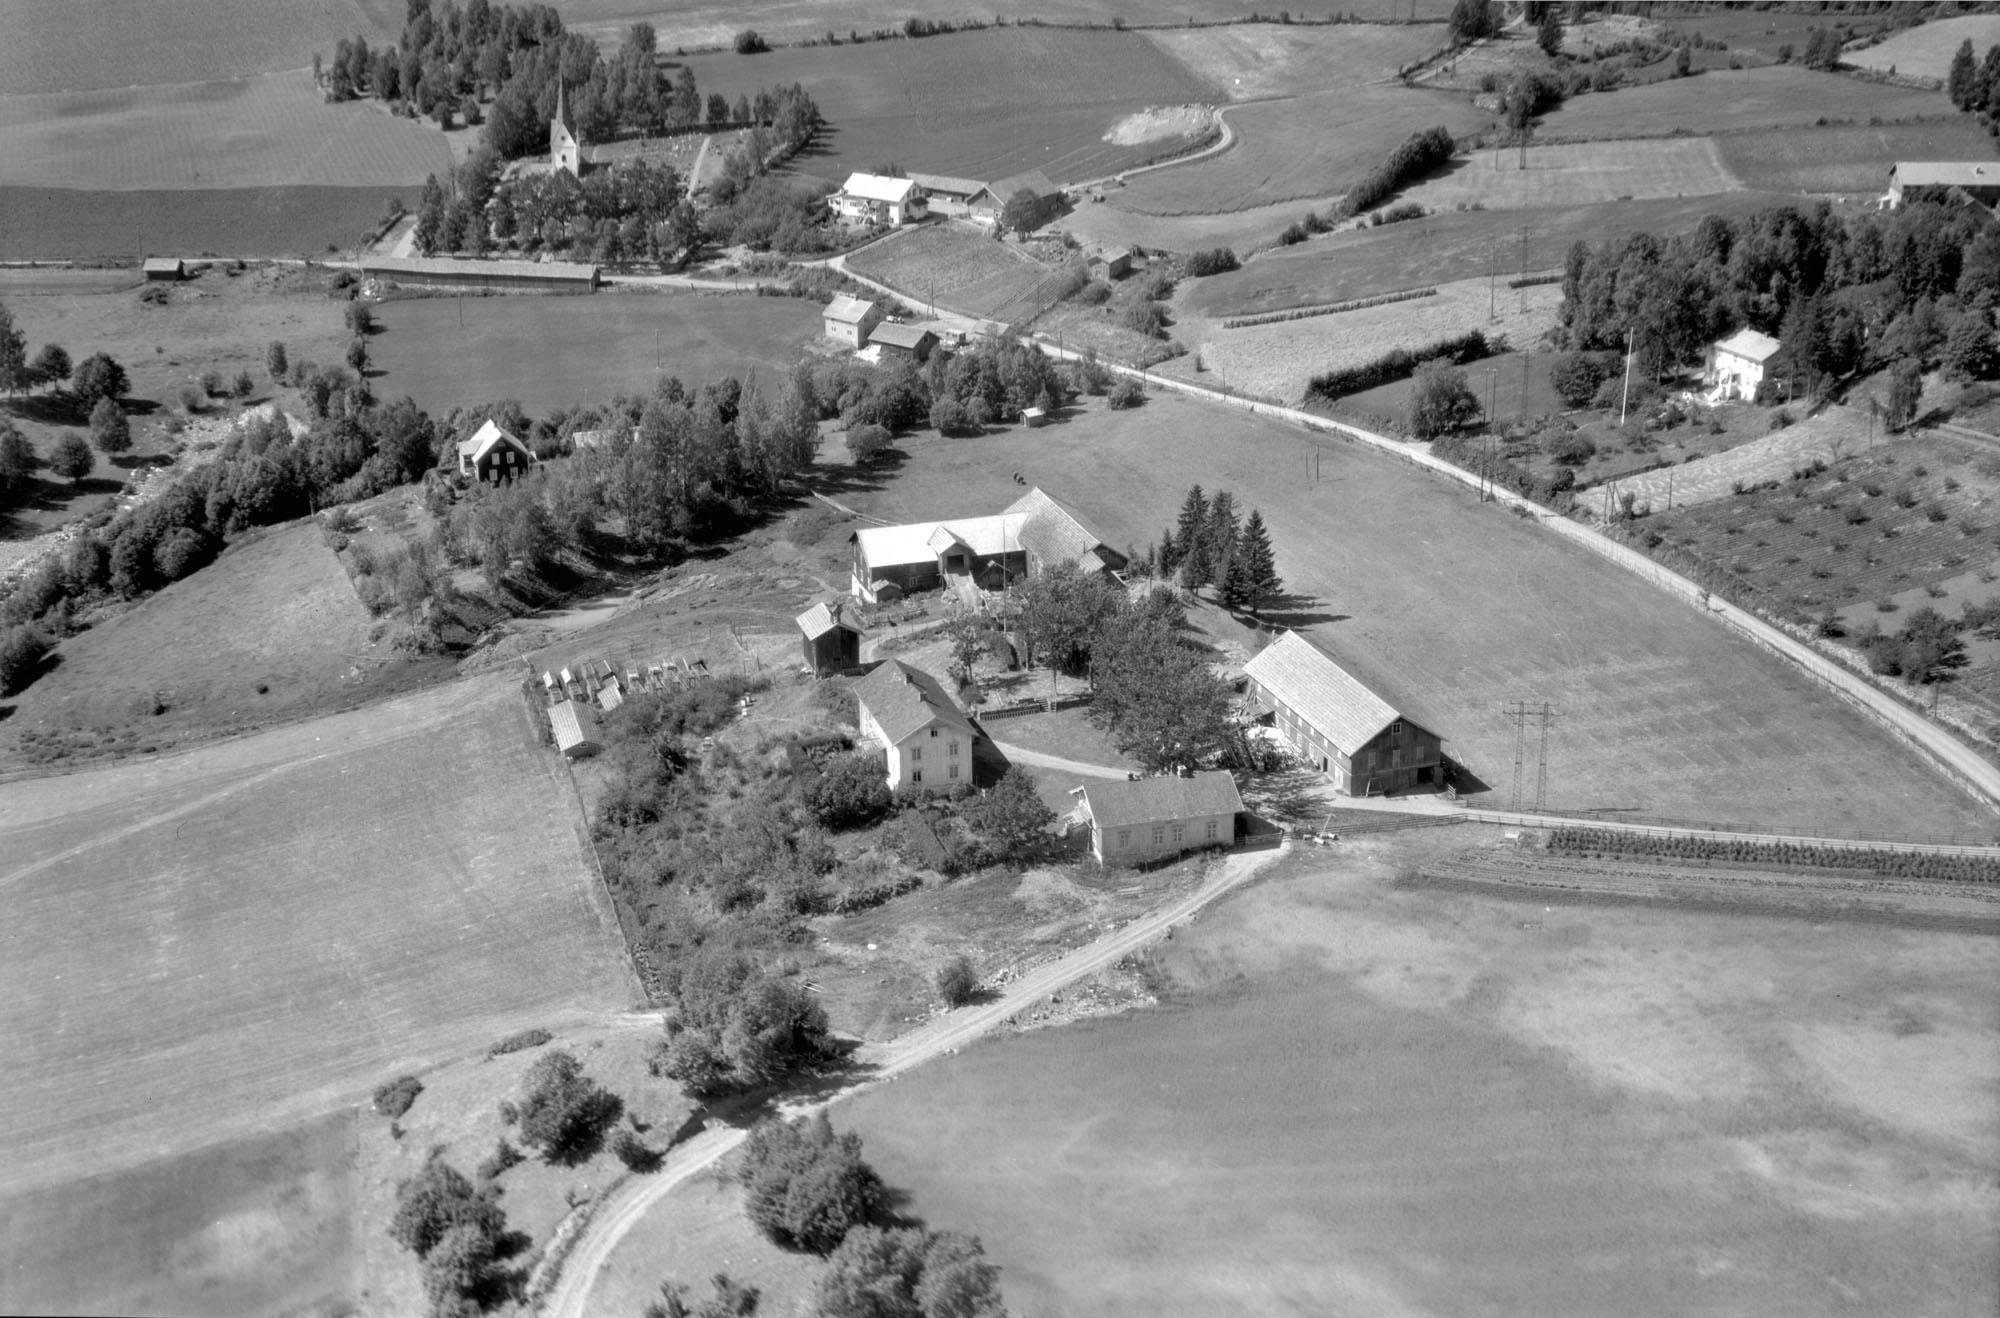 Flyfoto av By gard, Veldre, Ringsaker